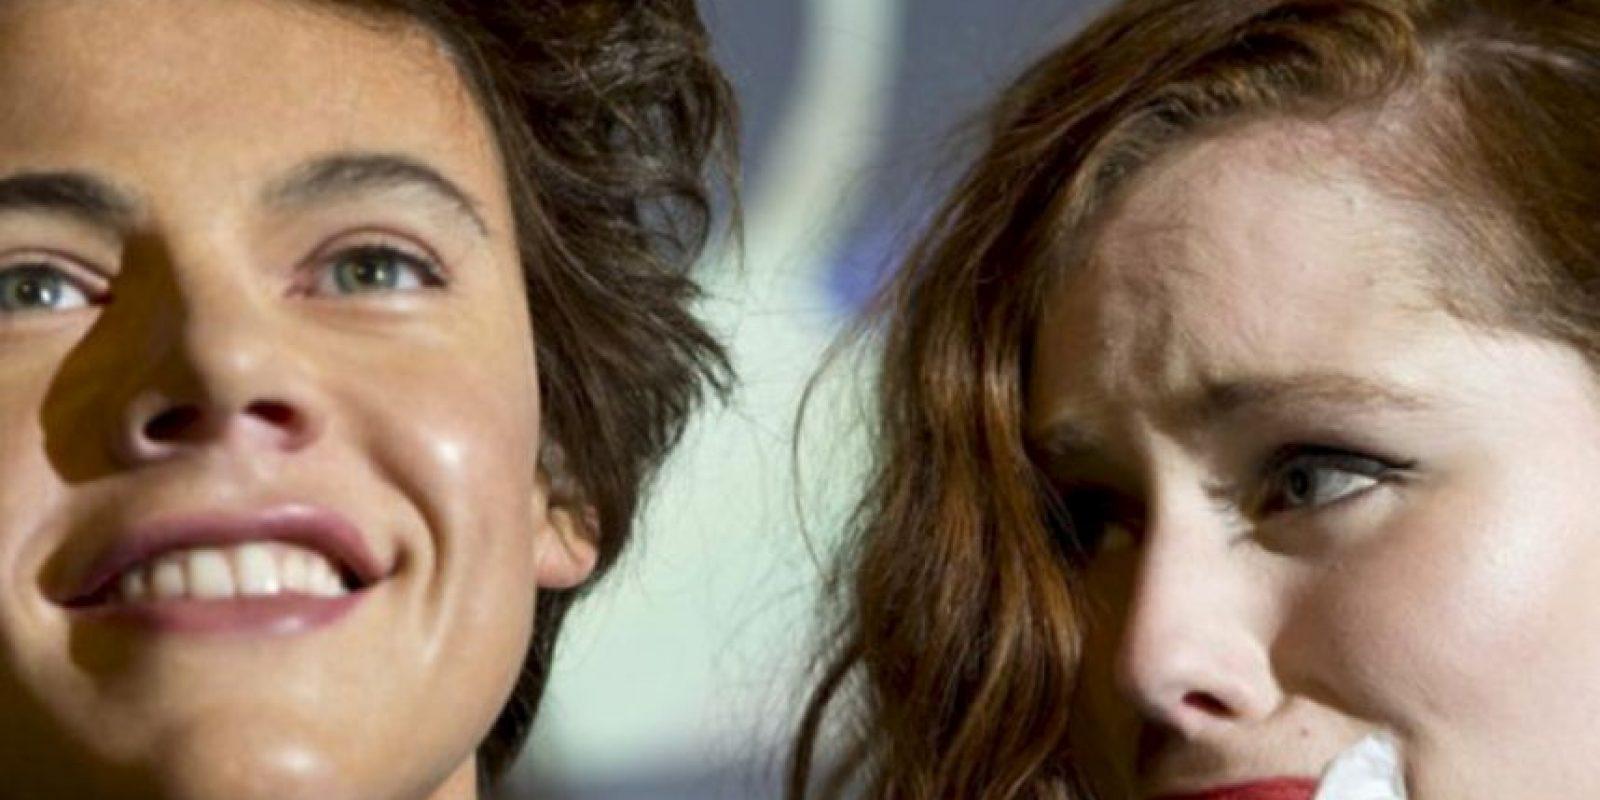 Muchas lloran solo con tener una figura de cera de Harry Styles cerca. Foto:vía Facebook